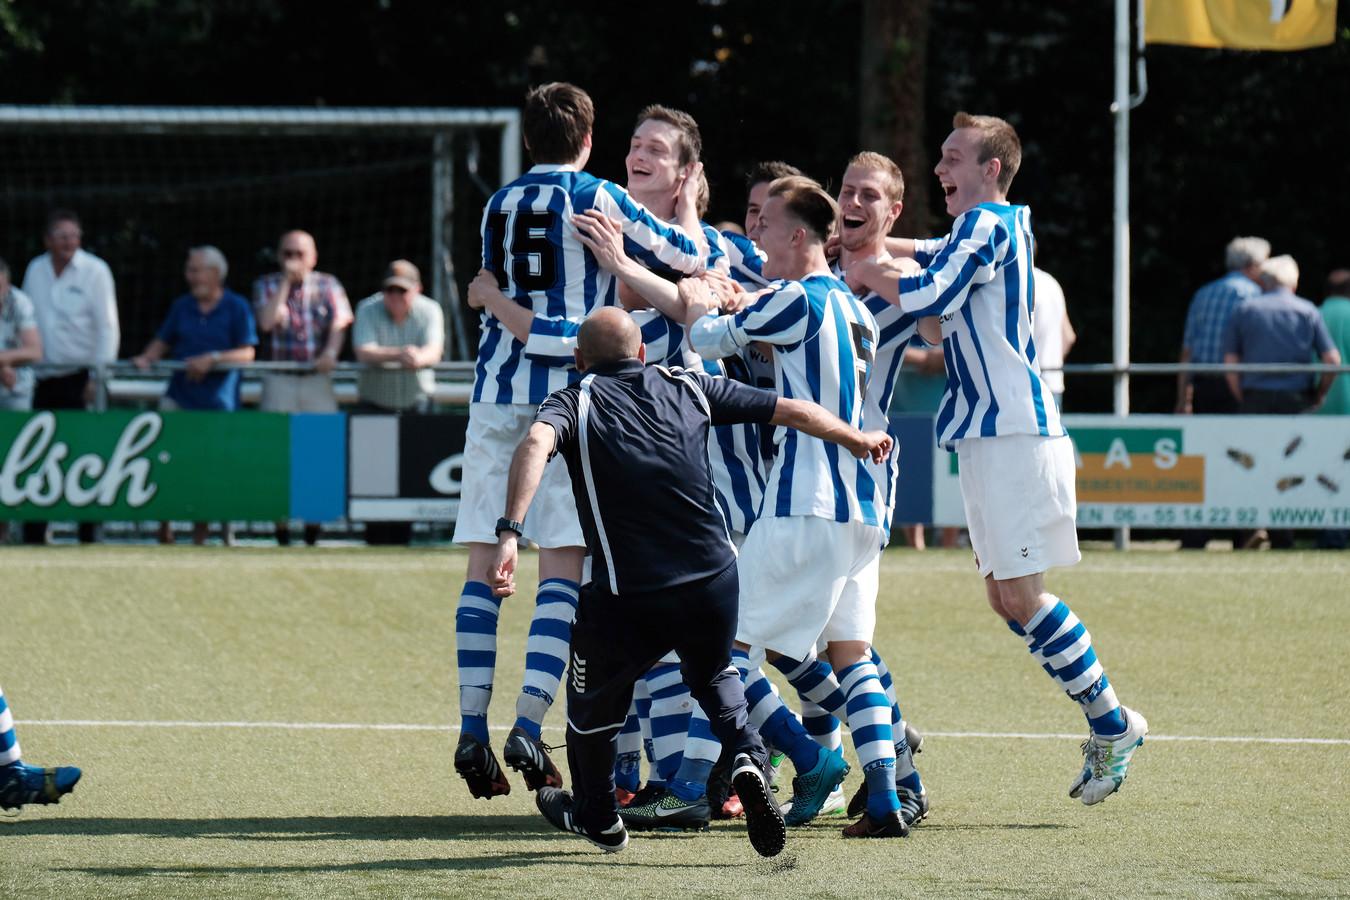 Zaterdagclub DZSV was jaren een begrip. Volgend seizoen is er geen zaterdagvoetbal op niveau meer in Dinxperlo.